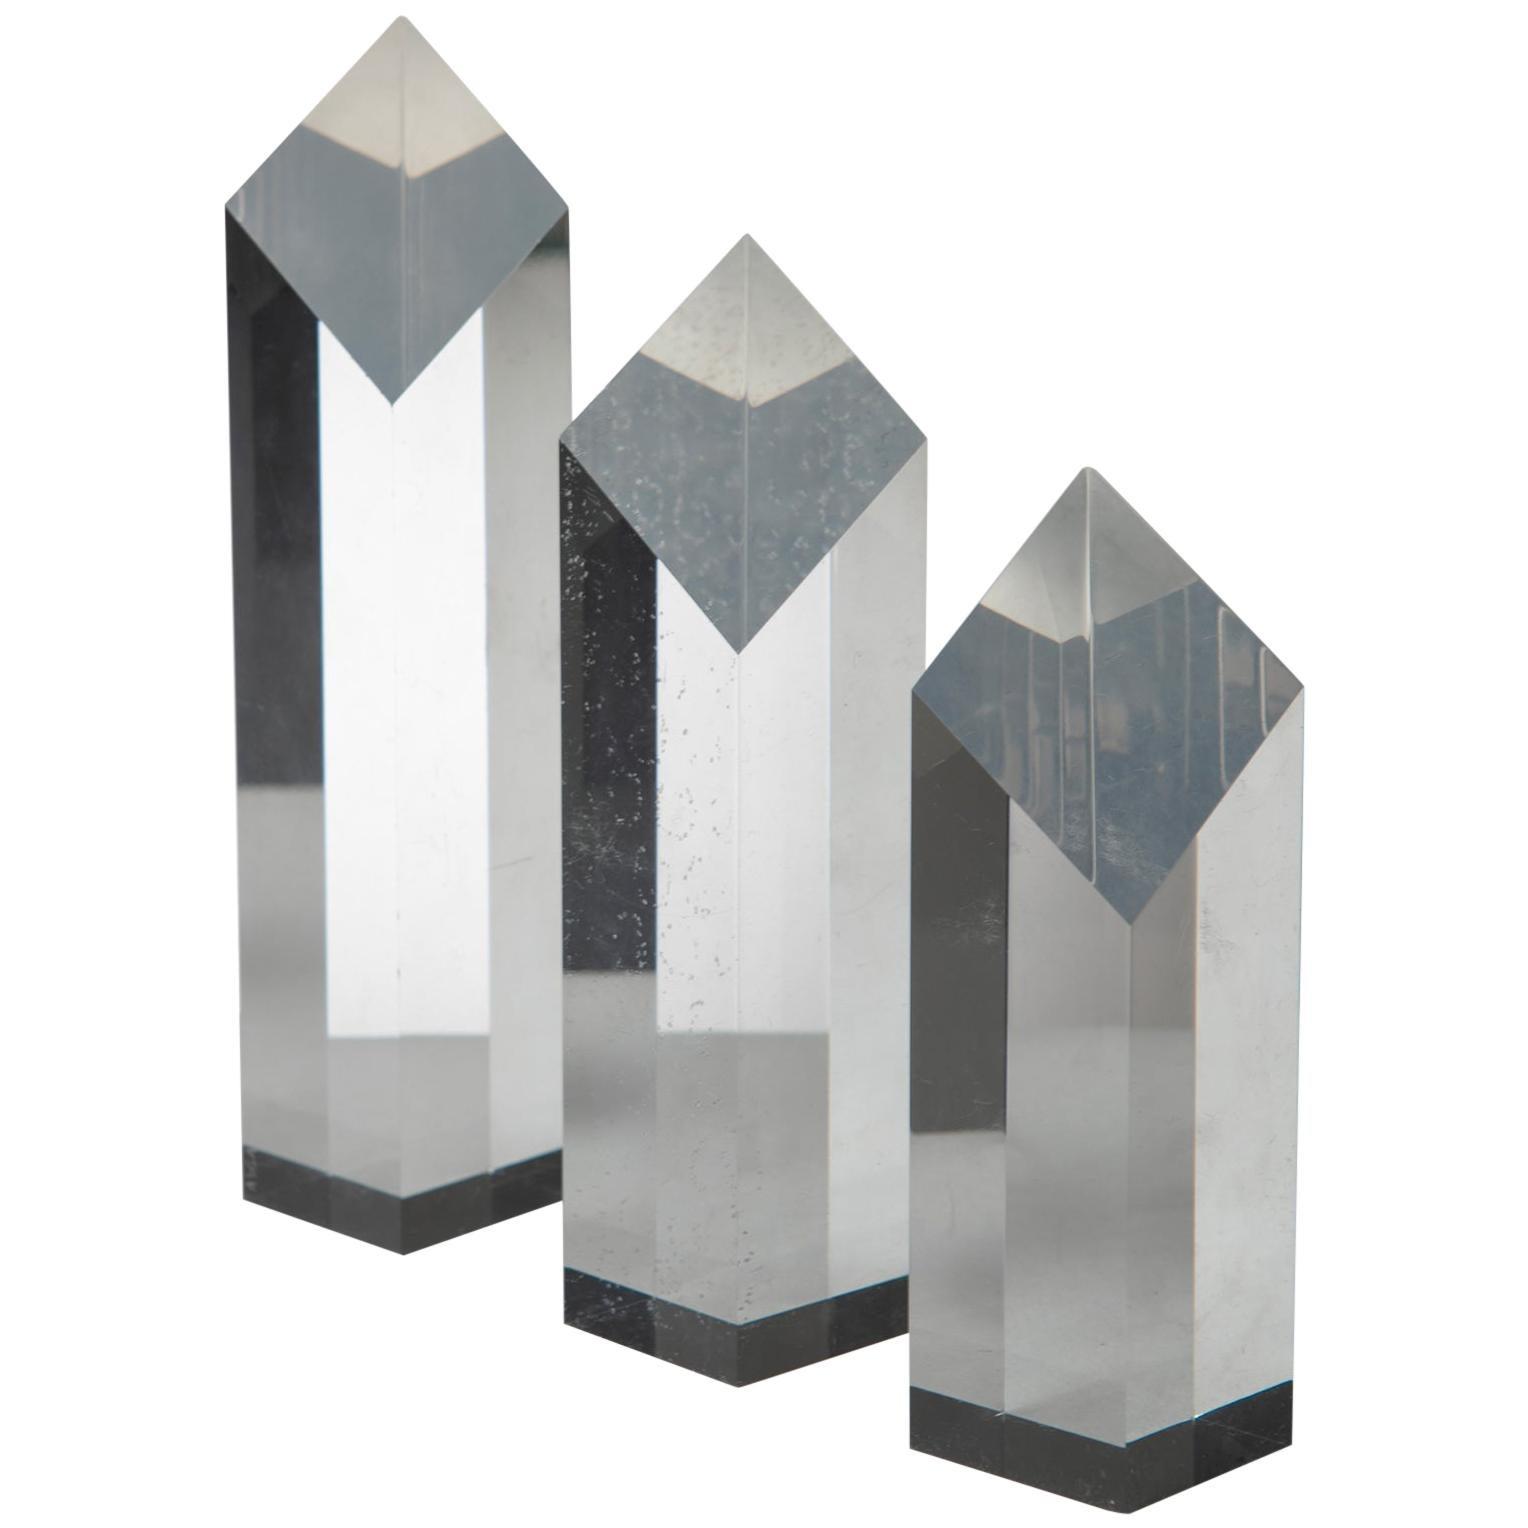 Plexiglass Triptych by Alessio Tasca for Fusina